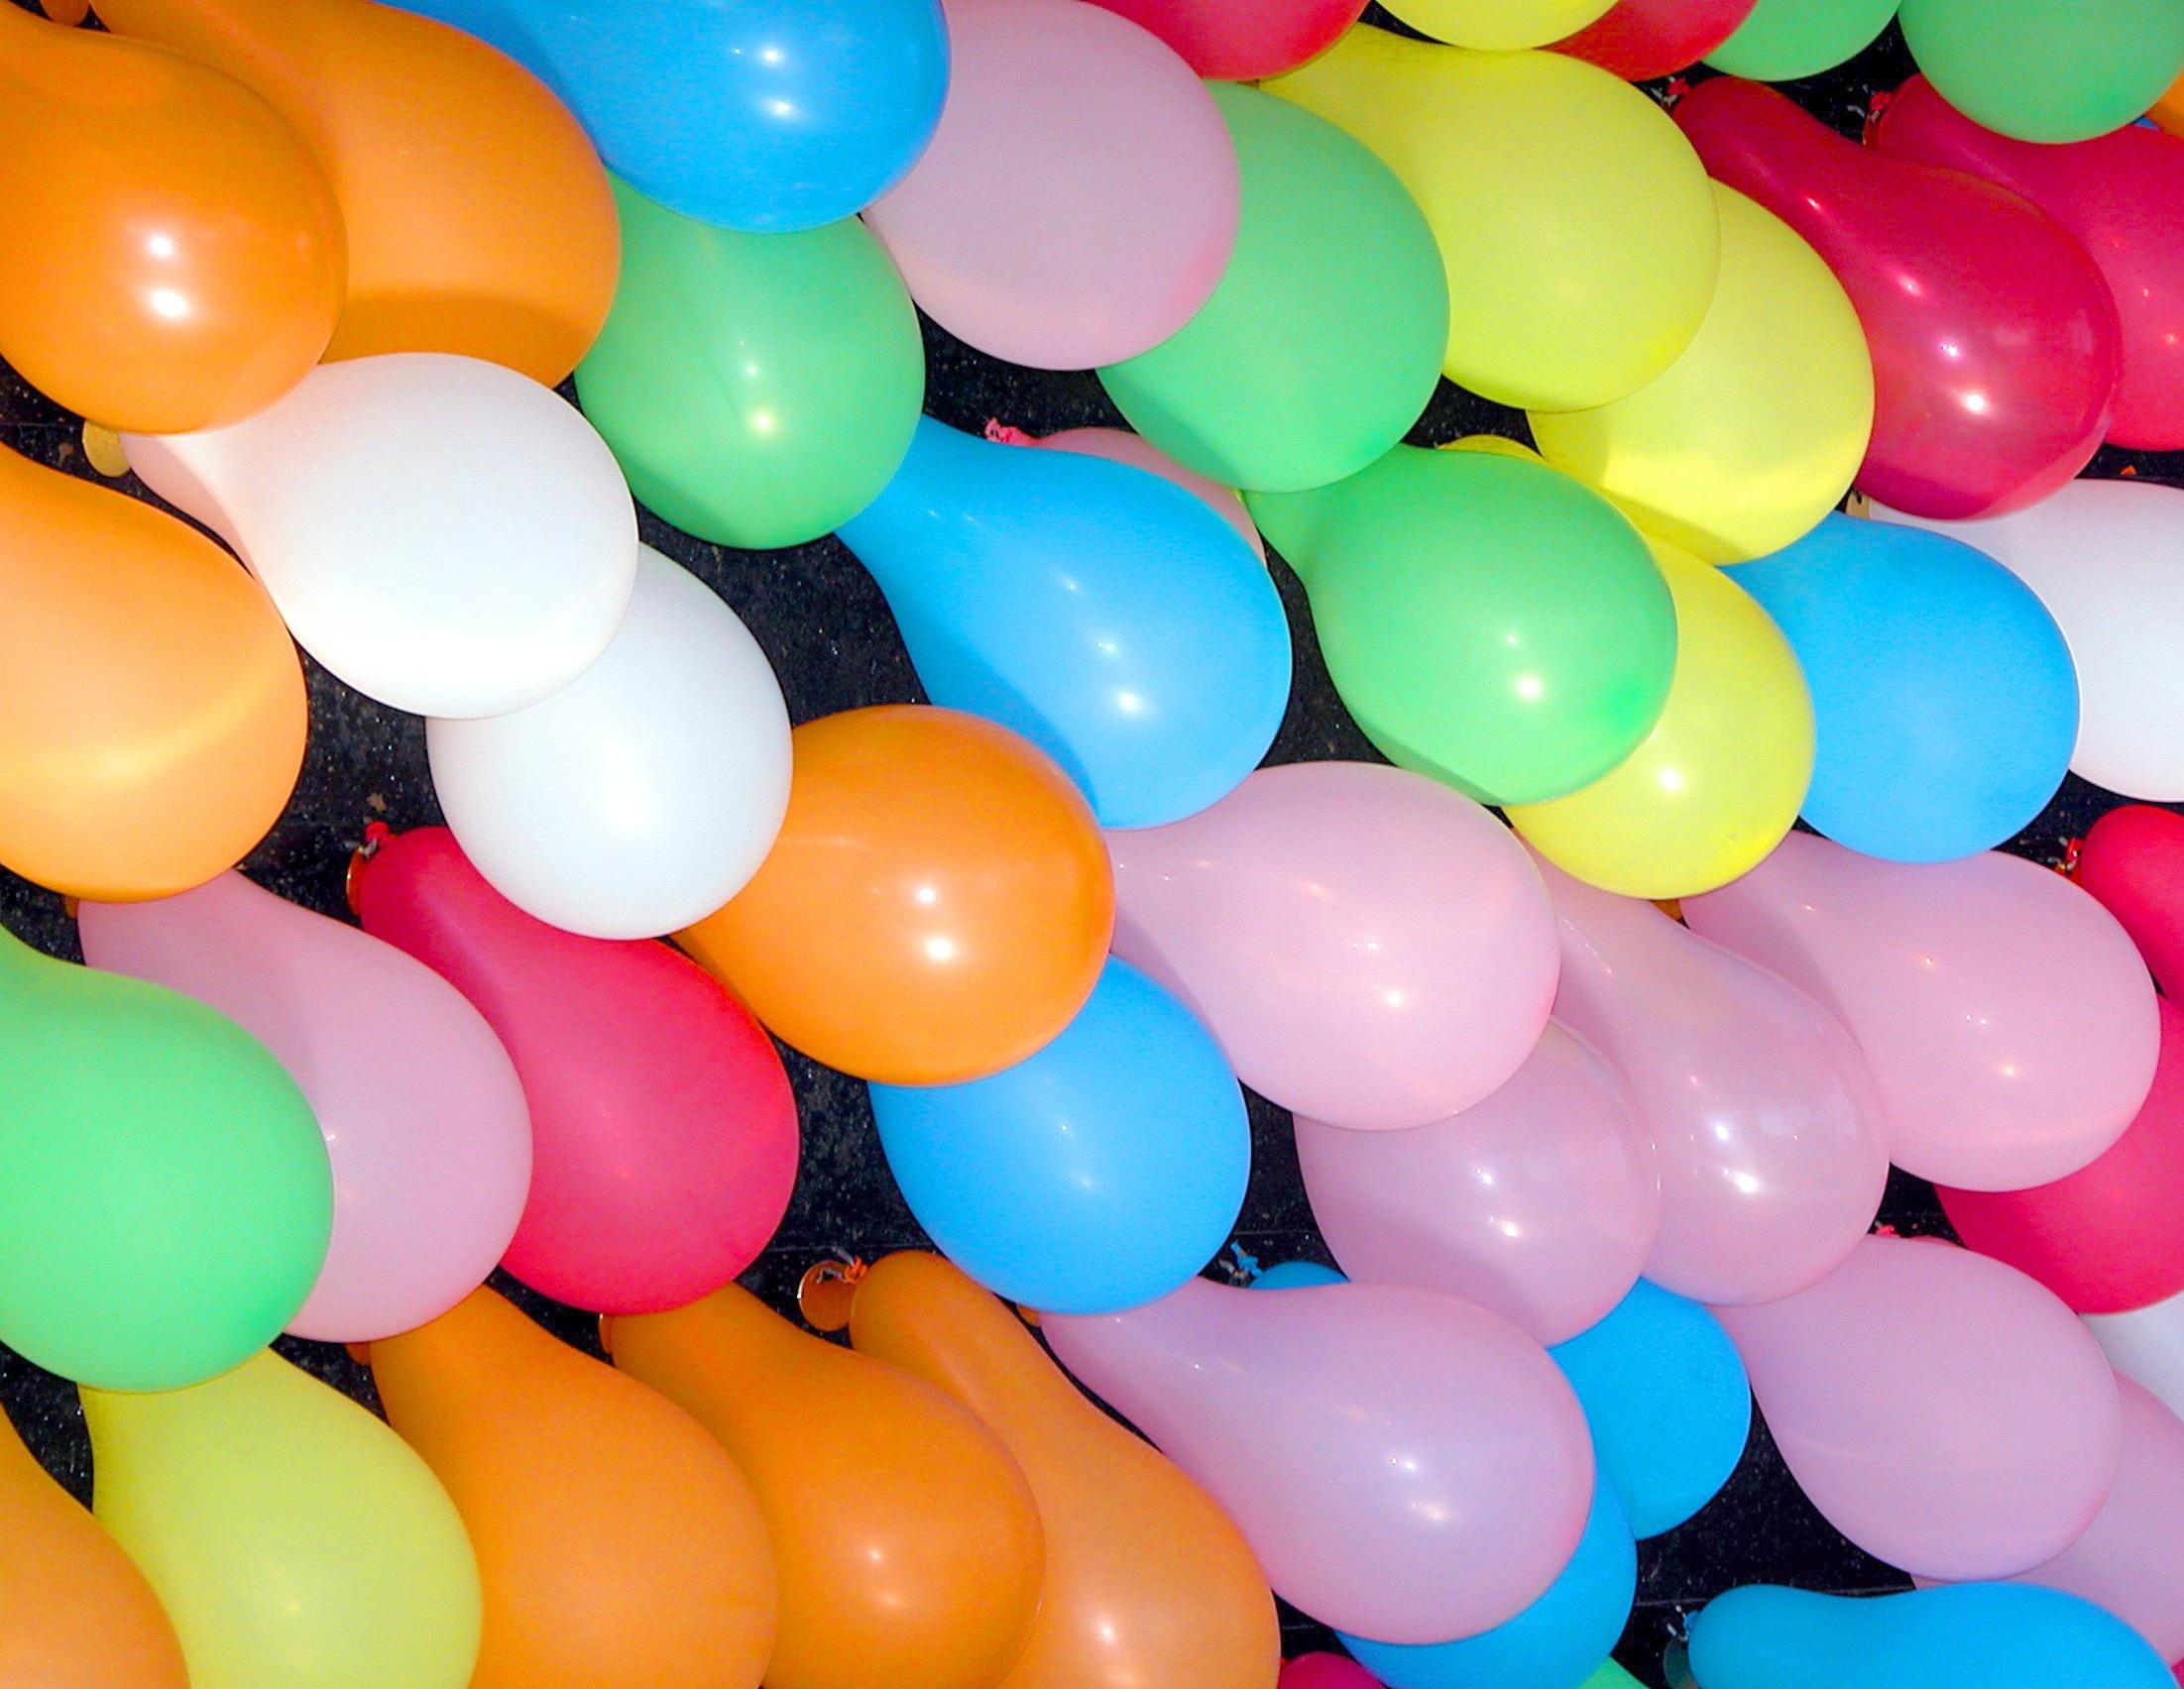 воздушные шары разных цветов фото ощупь дончаки